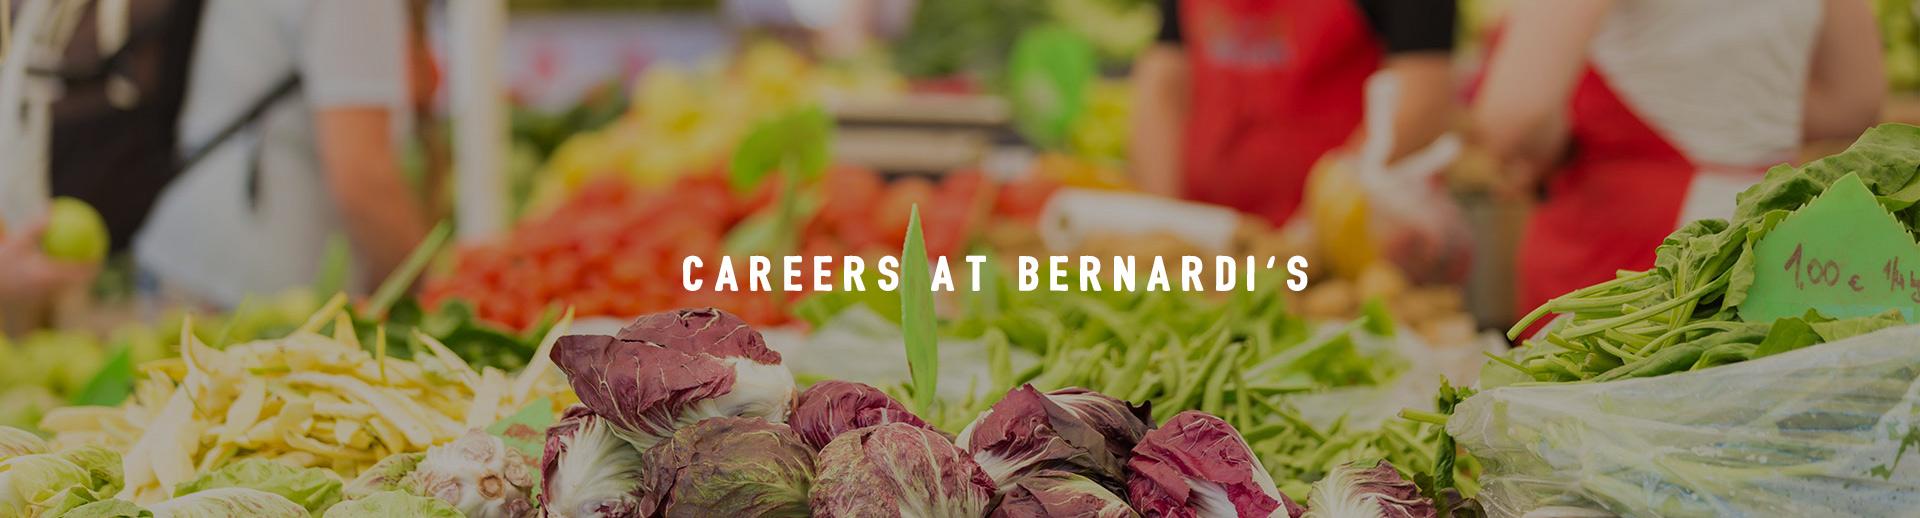 Careers at Bernardi's